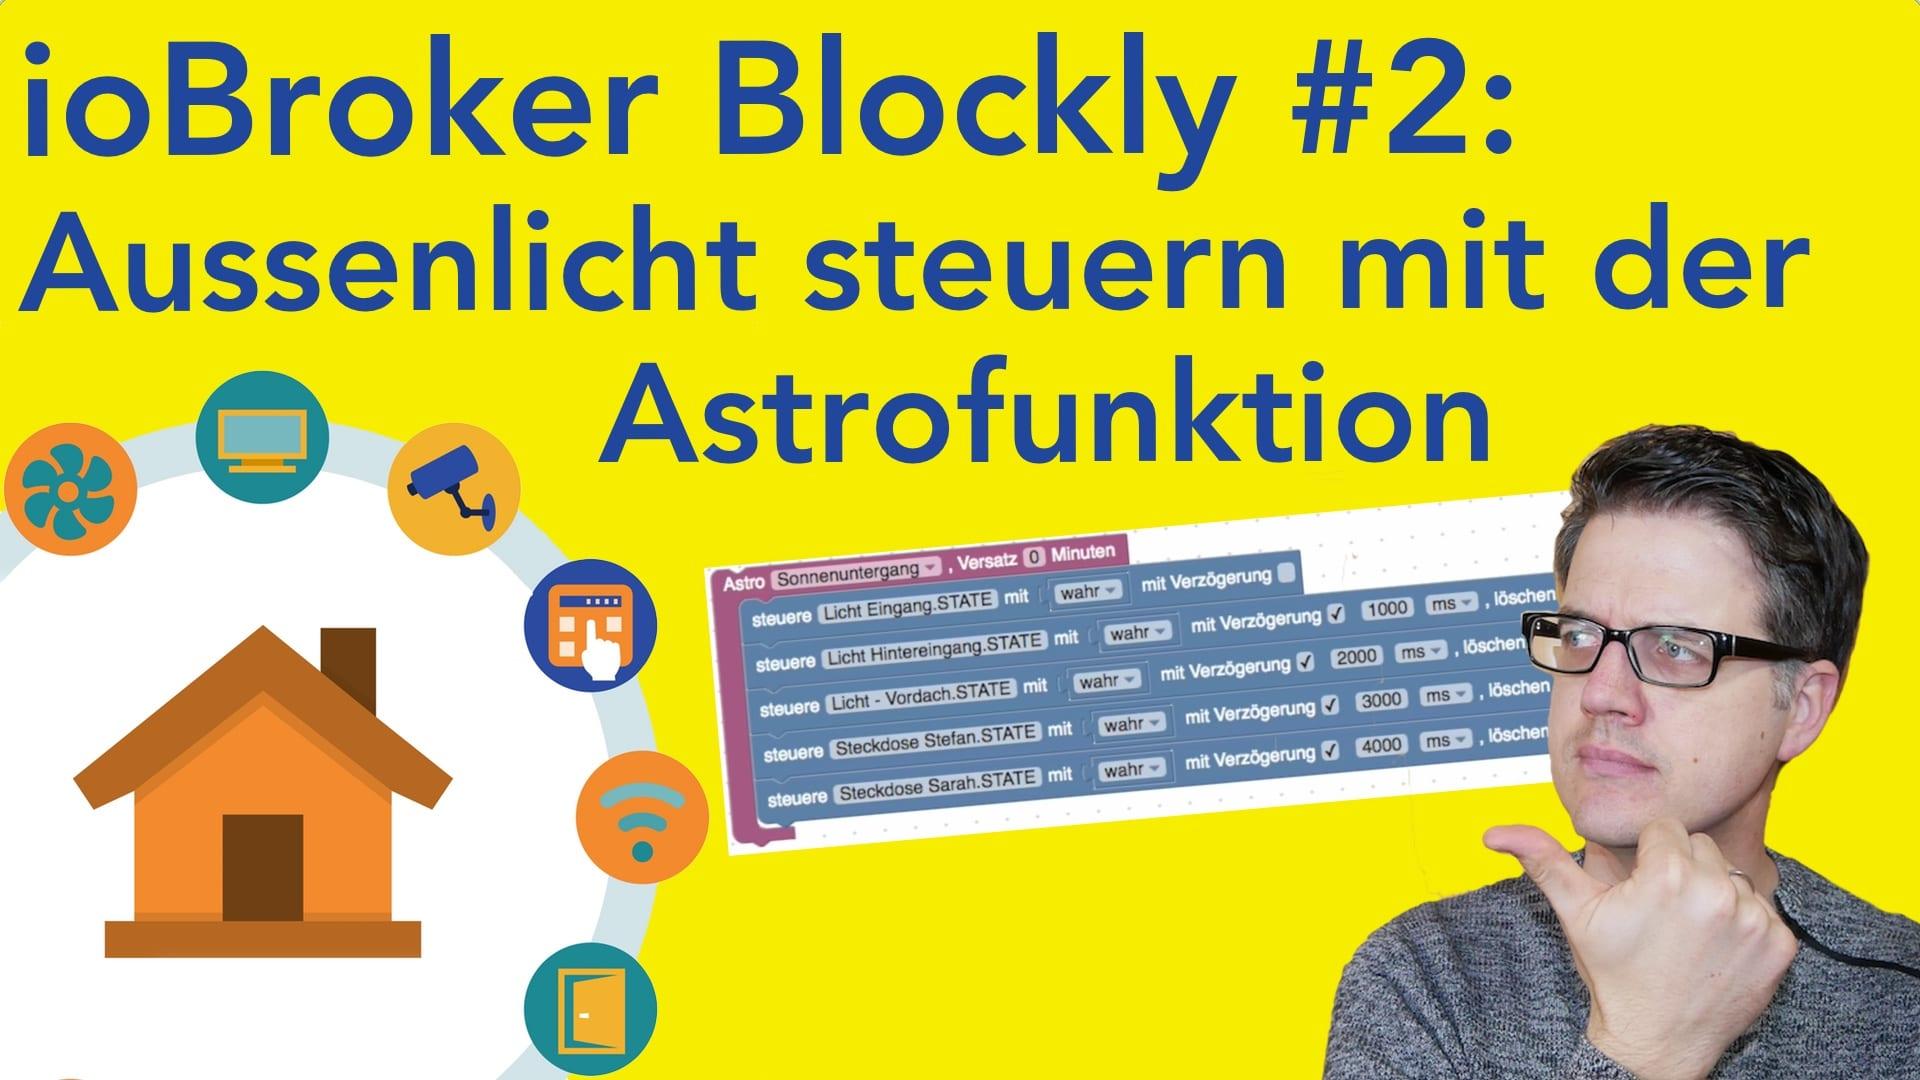 ioBroker – Blockly Skript erstellen #2: Aussenlicht steuern